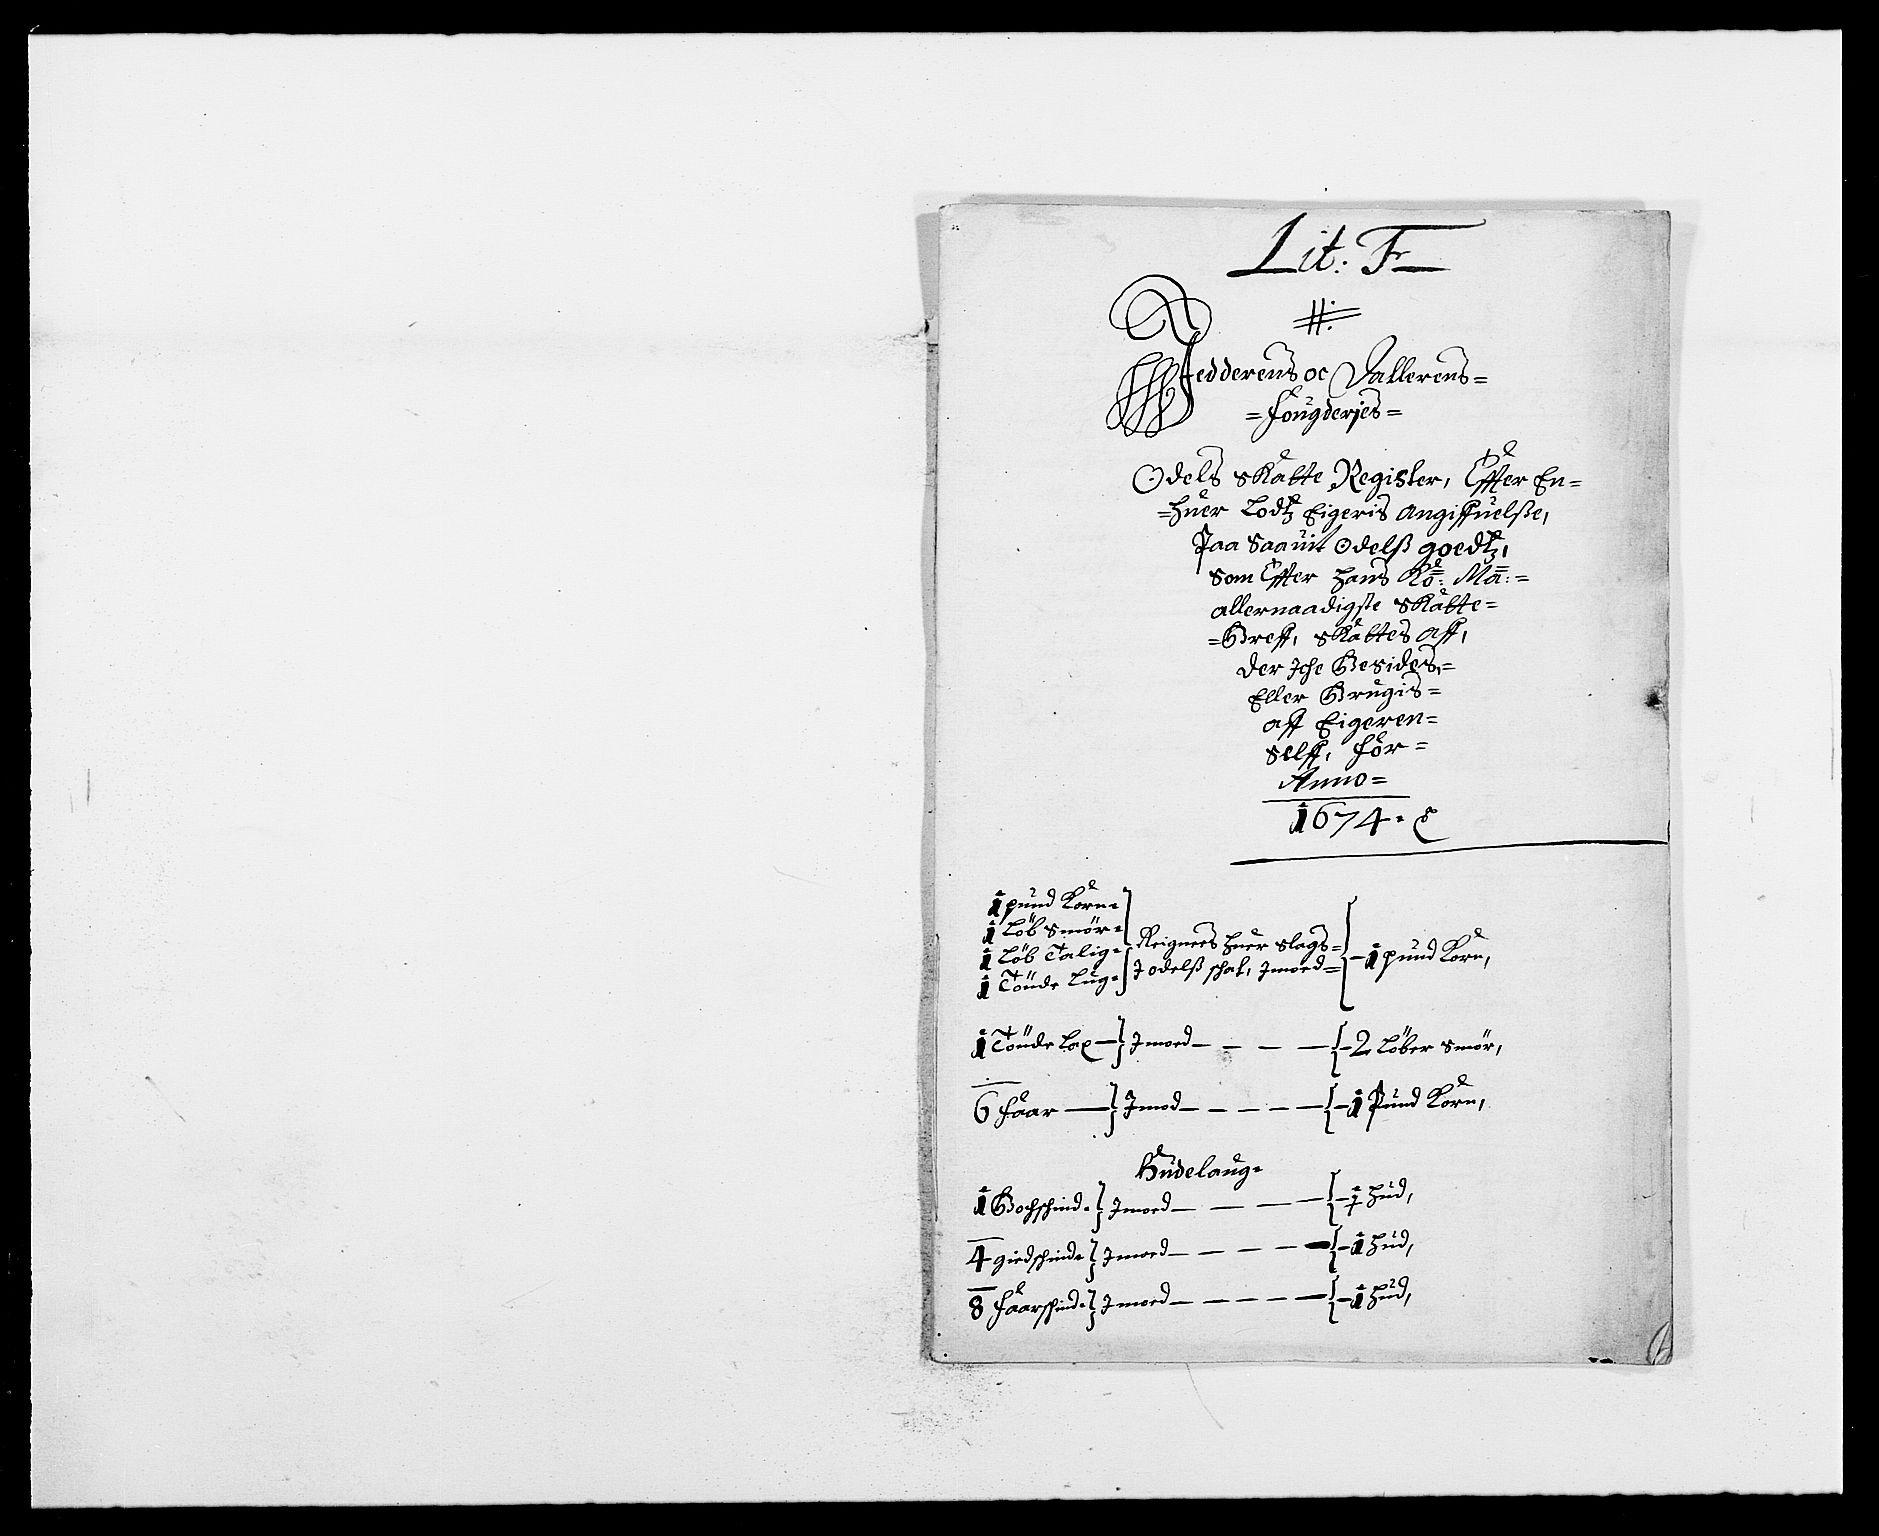 RA, Rentekammeret inntil 1814, Reviderte regnskaper, Fogderegnskap, R46/L2714: Fogderegnskap Jæren og Dalane, 1673-1674, s. 400